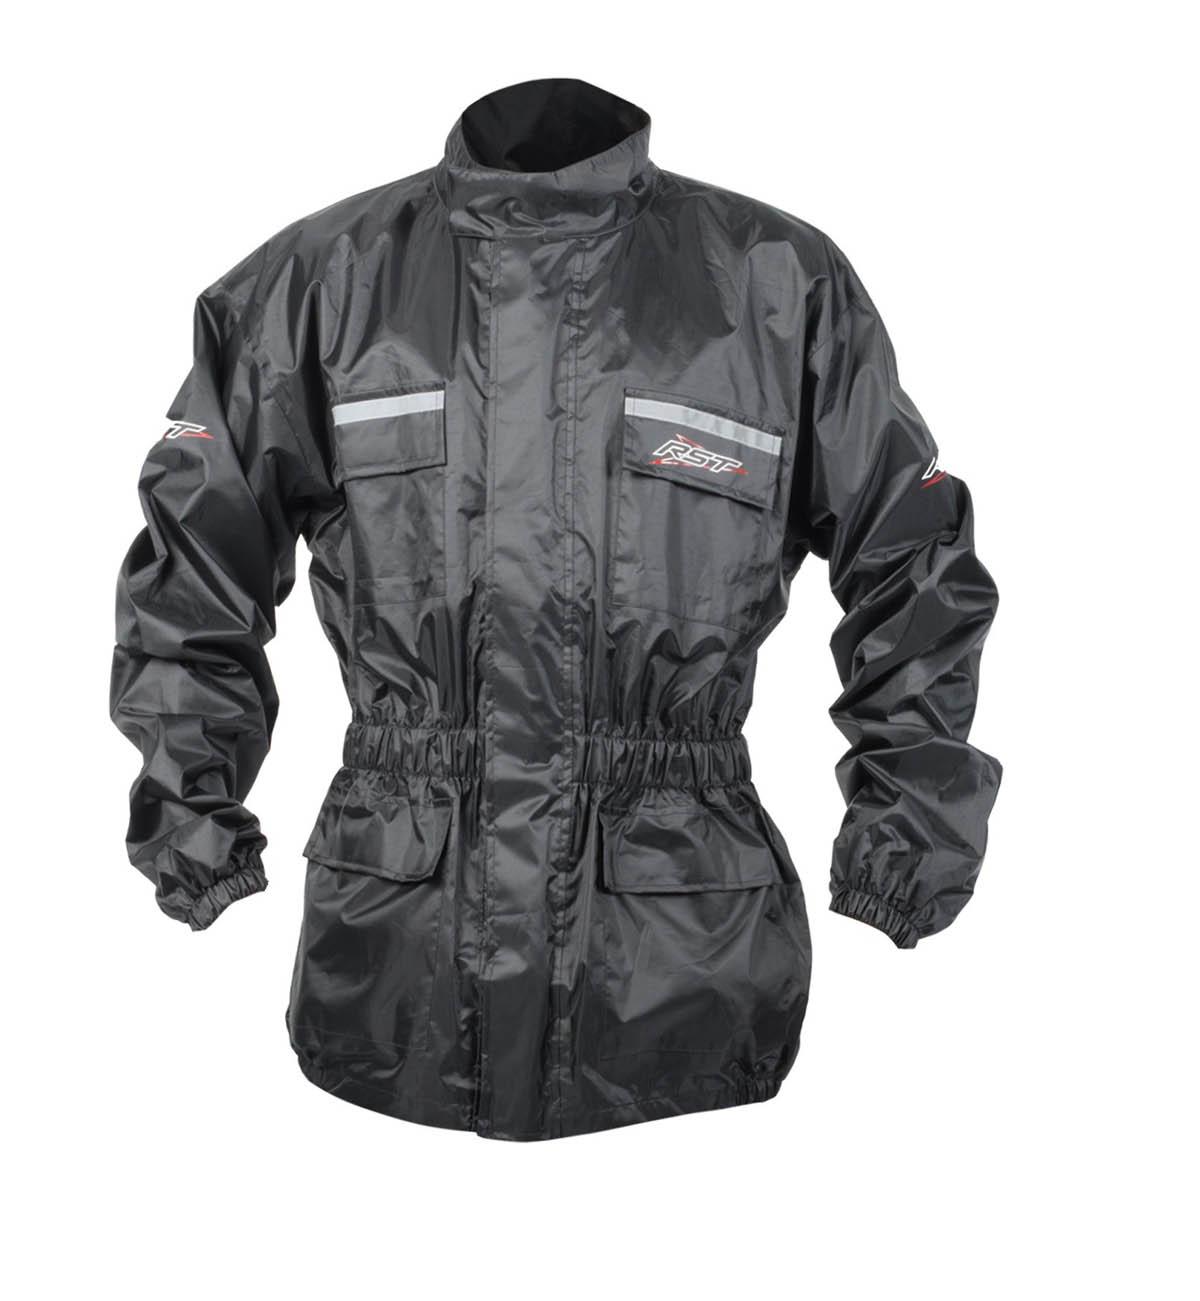 【RST】RST 1815 雨衣 - 「Webike-摩托百貨」